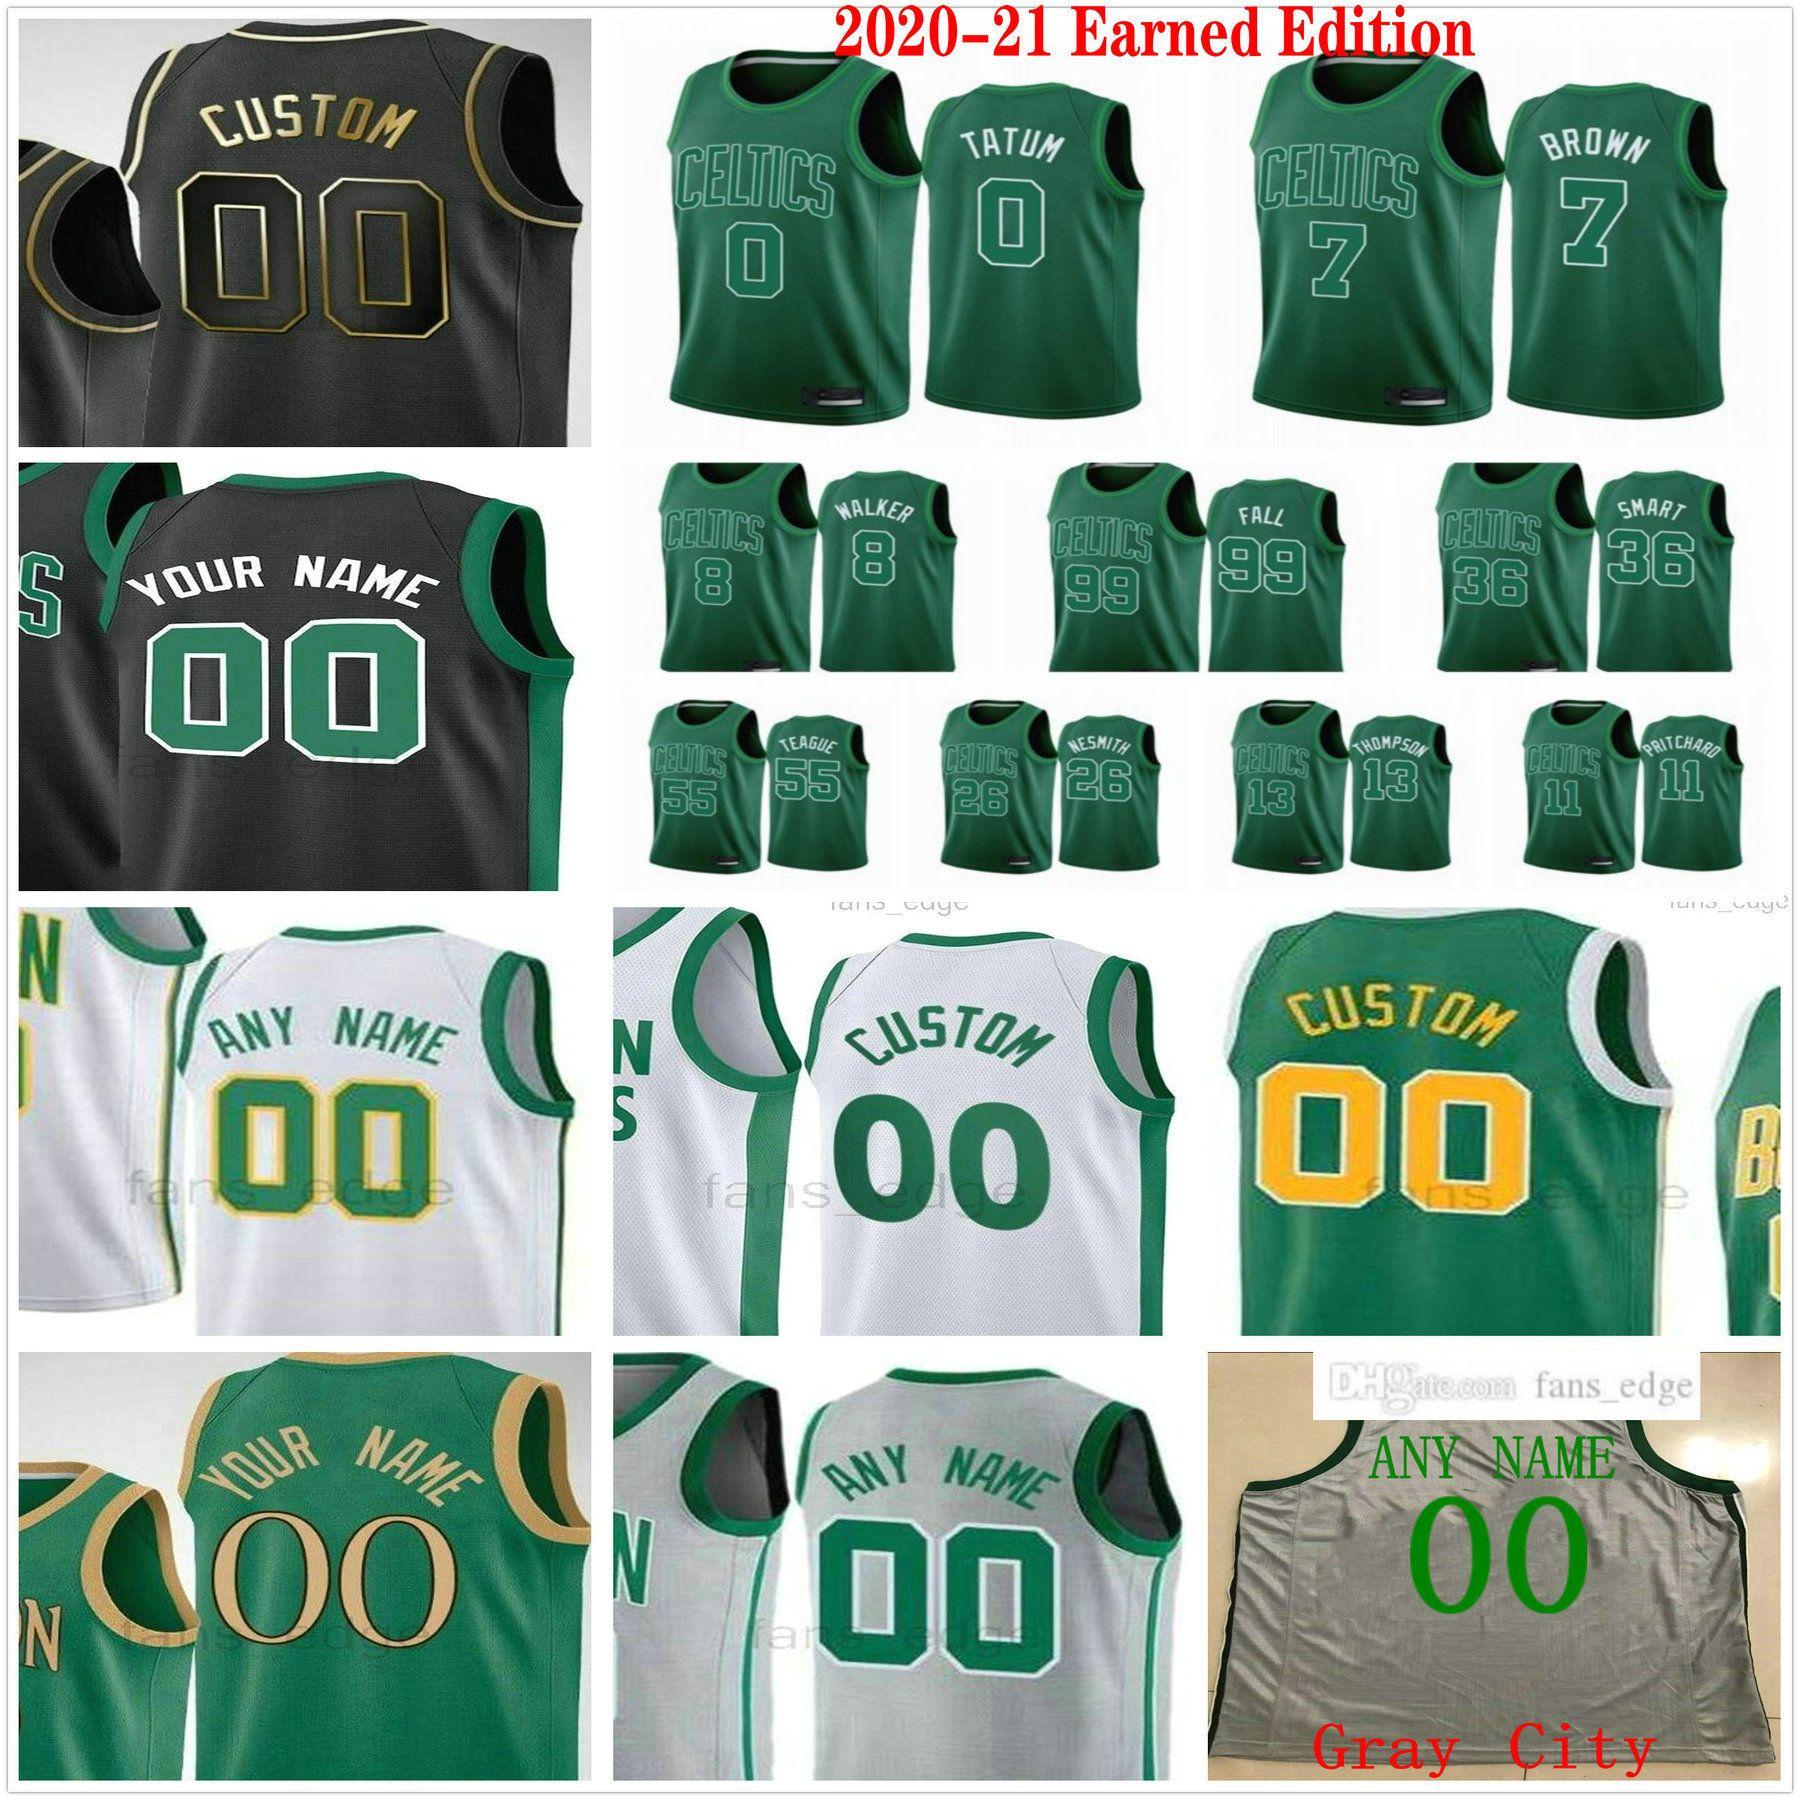 مخصص مطبوعة 2020-21 Edition Edition Jayson 0 Tatum Kemba Jaylen 8 Walker 7 Brown 11 Payton Pritchard الرجال امرأة الاطفال كرة السلة الفانيلة